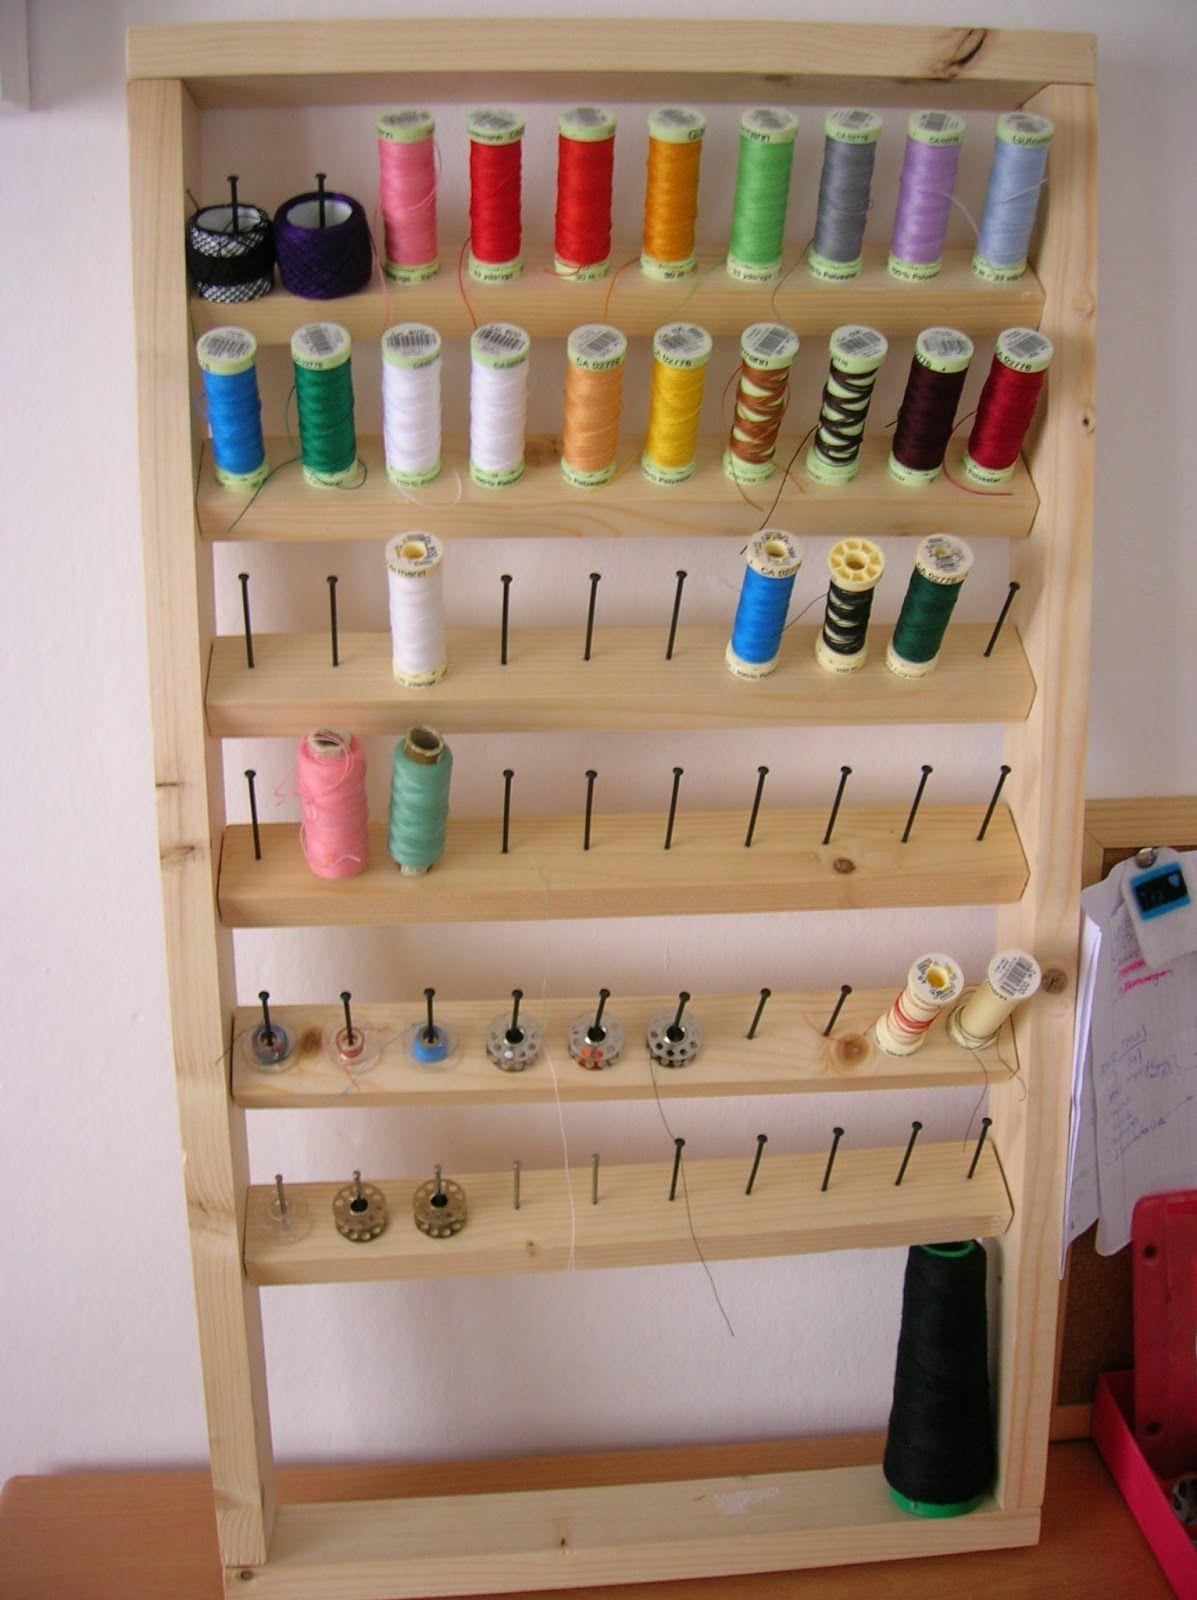 pingl par becky jones sur craft room ideas pinterest couture rangement couture et atelier. Black Bedroom Furniture Sets. Home Design Ideas